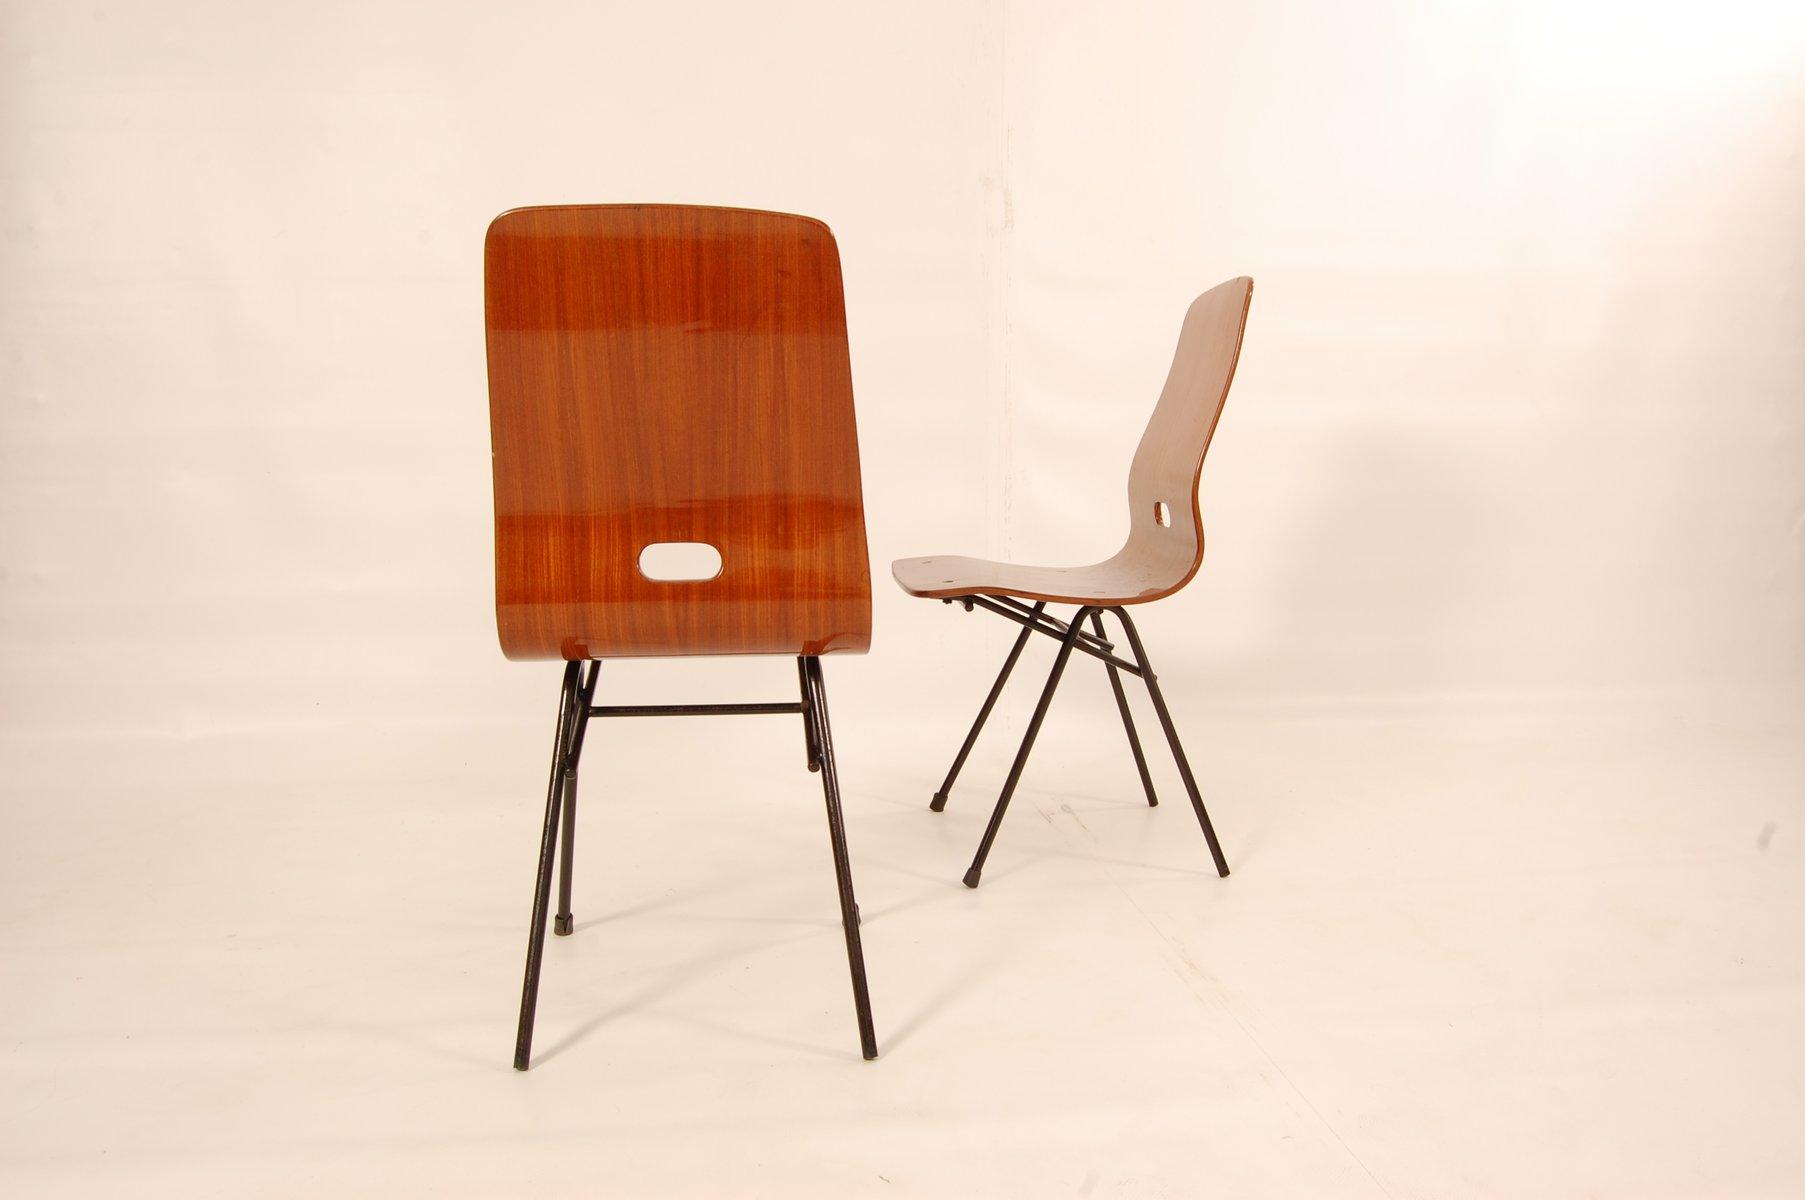 Sedia medea vintage anni 39 50 in vendita su pamono for Sedia anni 50 design